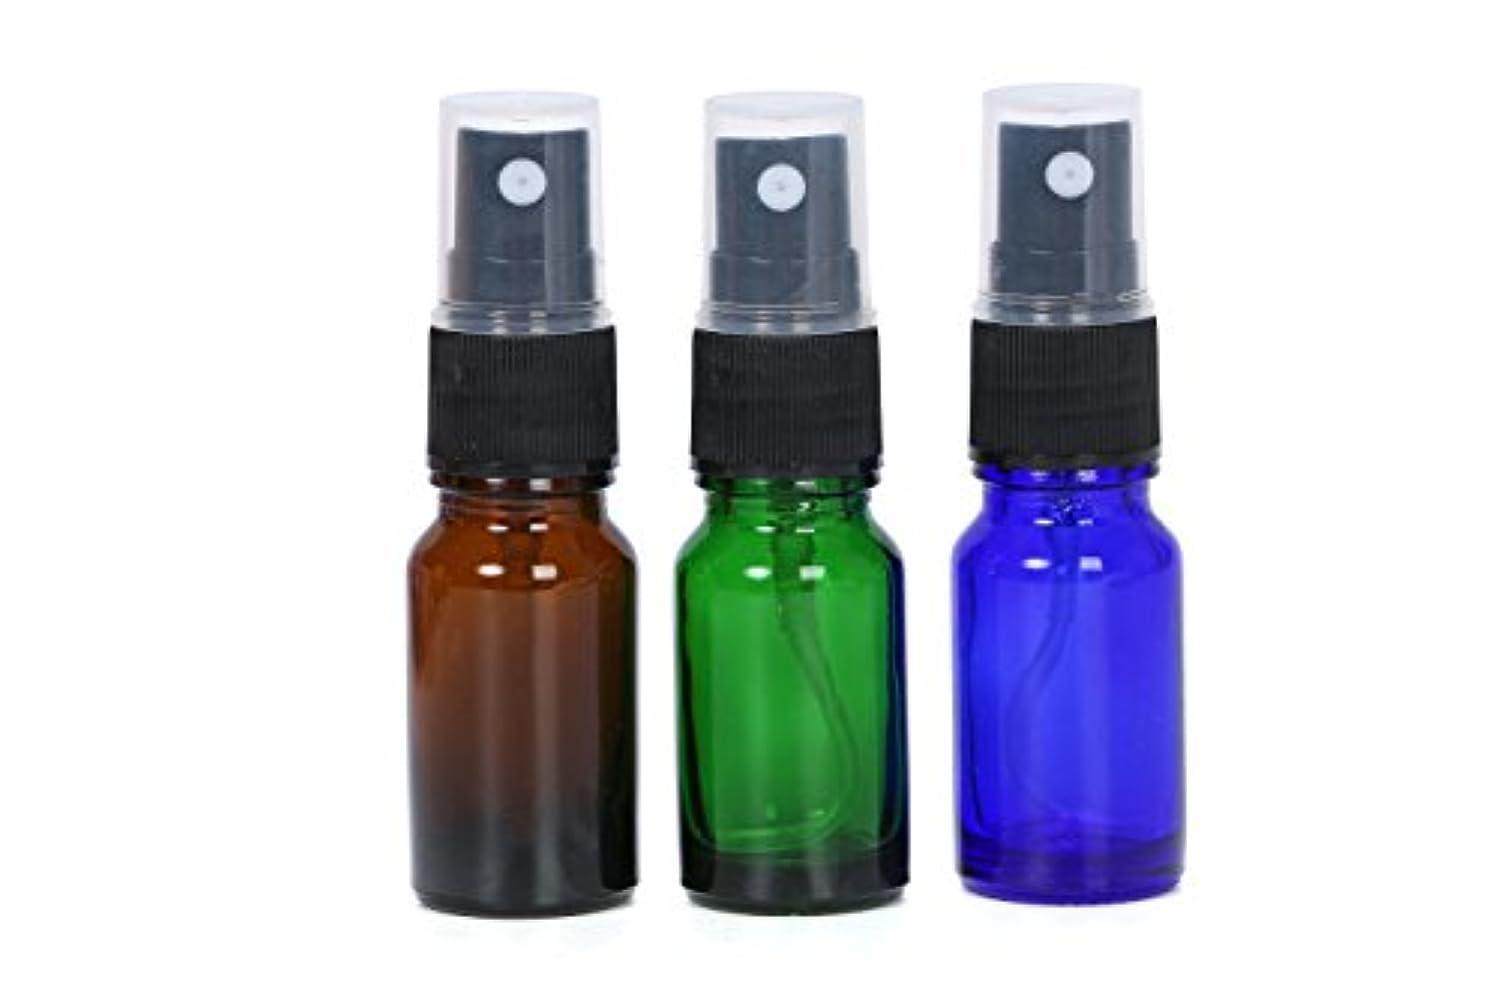 スプレーボトル 遮光瓶 3色 10ml ガラス製 オリジナルラベルシールのおまけ付き